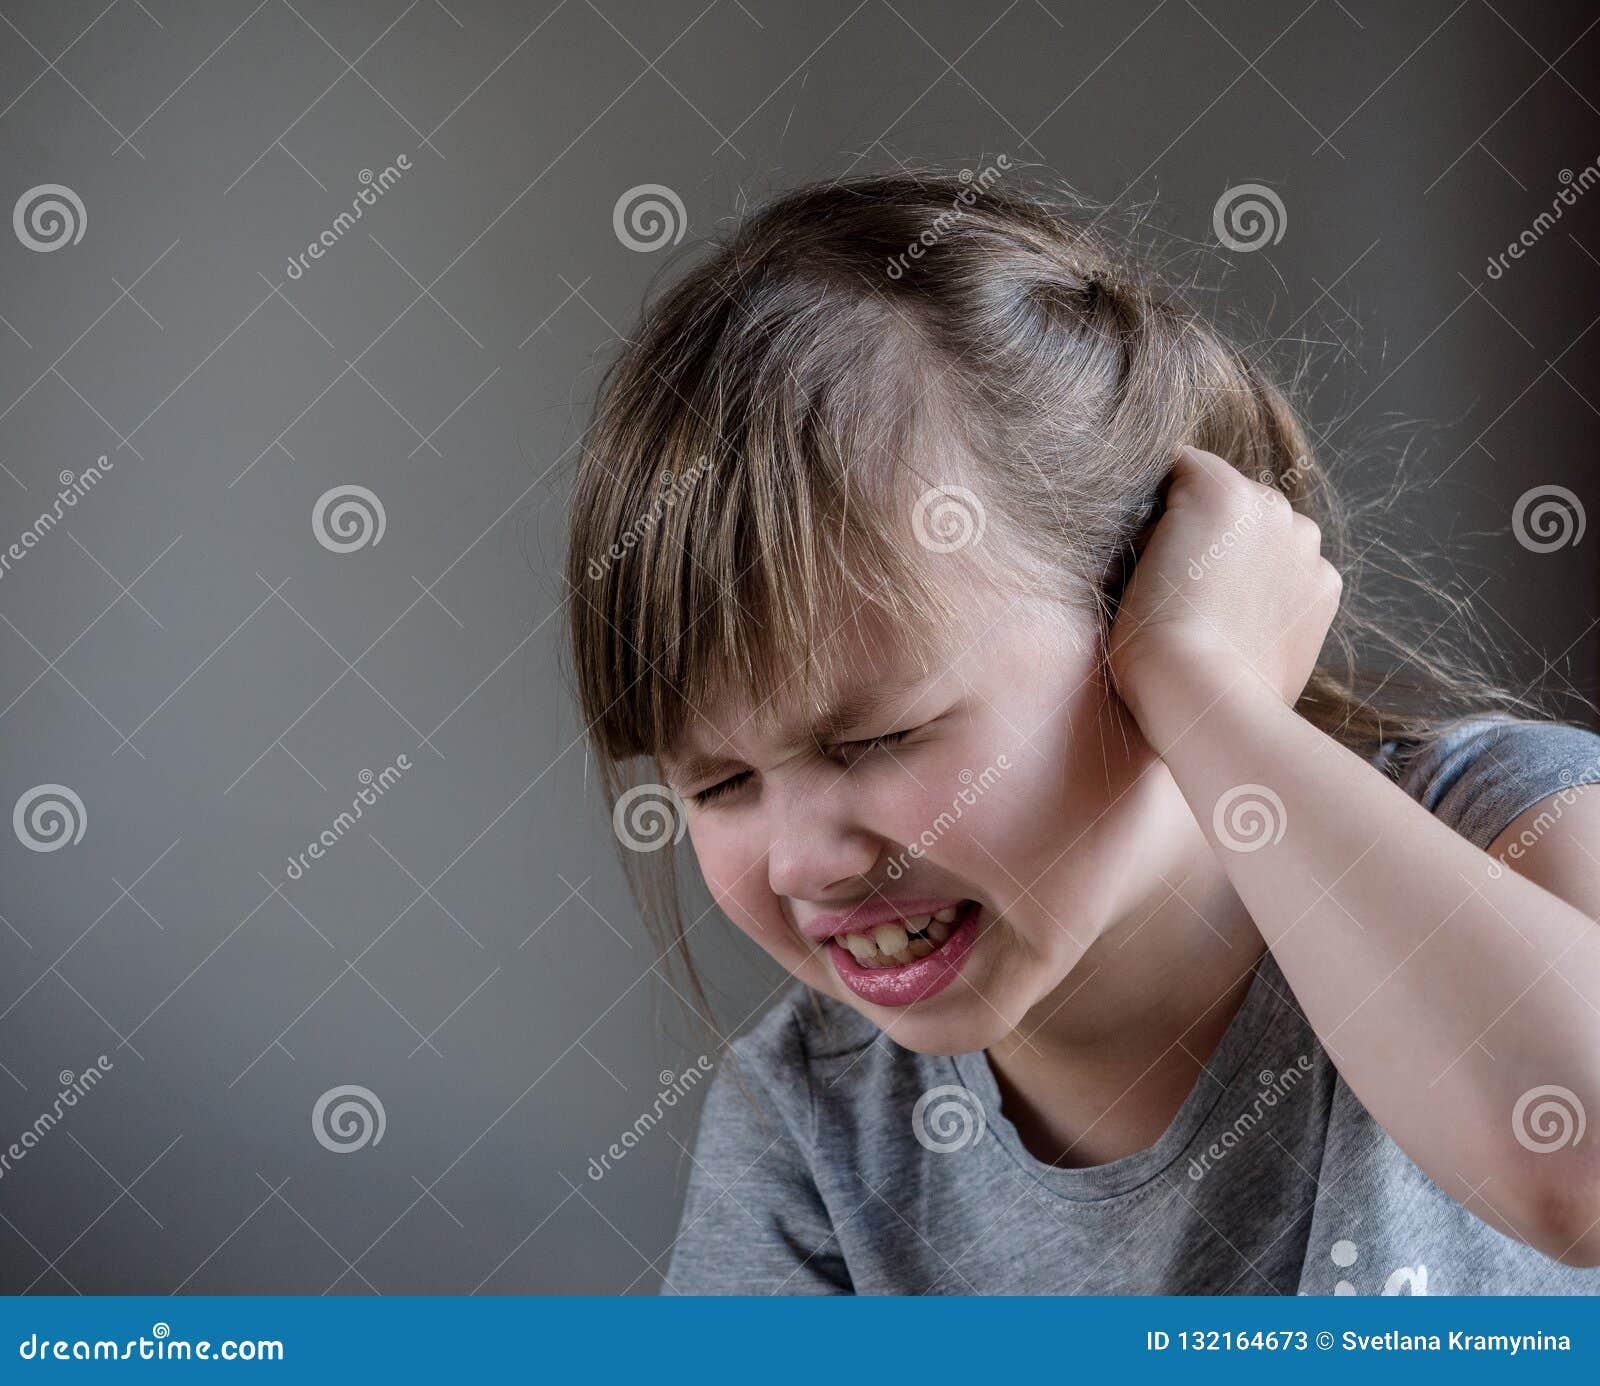 Κορίτσι που έχει τον πόνο αυτιών σχετικά με το επίπονο κεφάλι του απομονωμένο στο γκρίζο υπόβαθρο